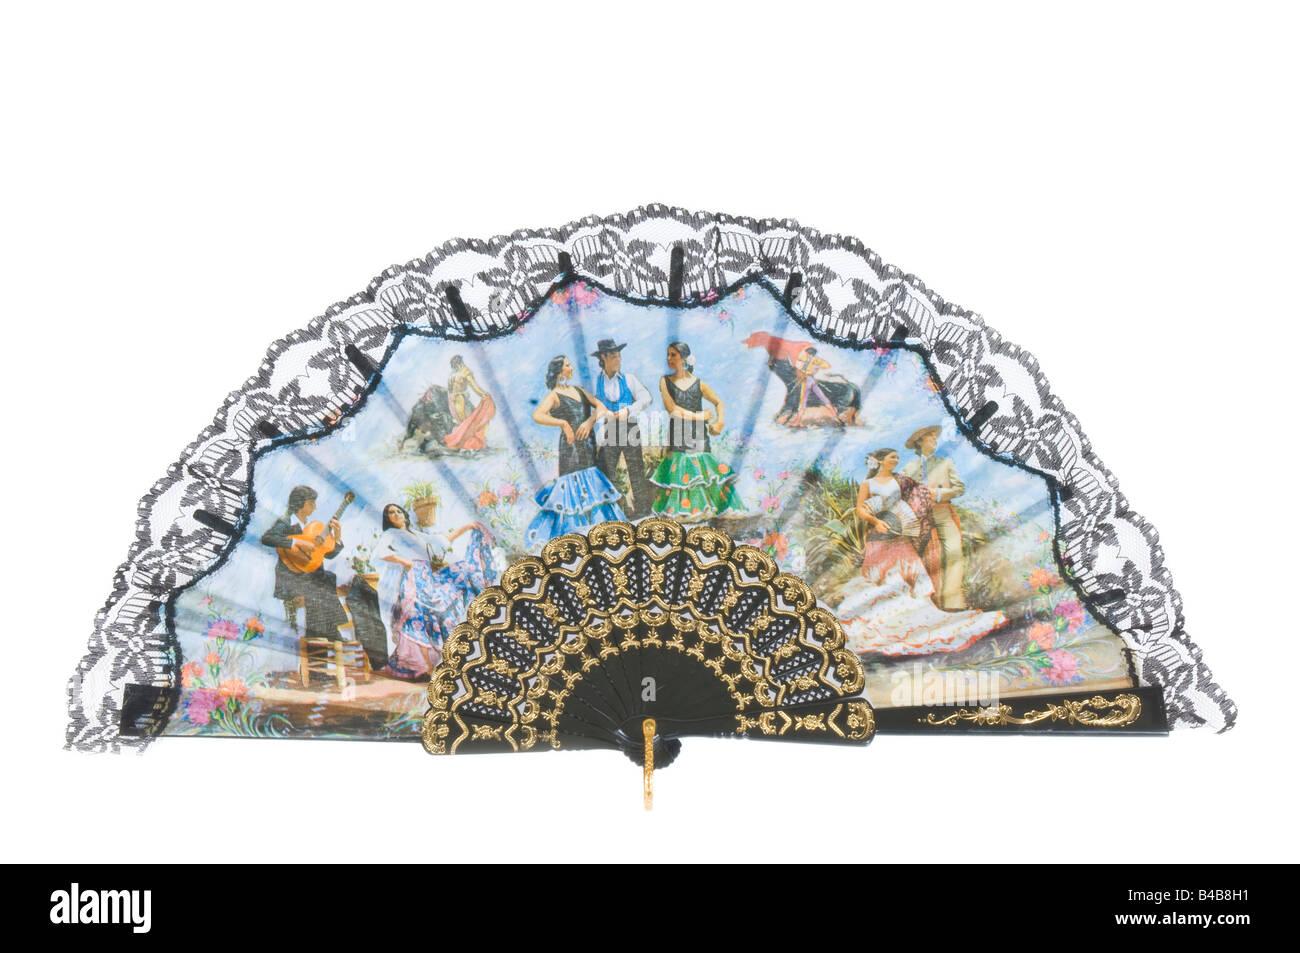 Una mano spagnola detenute fan vacanza economica souvenir su di un bianco puro (255) dello sfondo. Immagini Stock